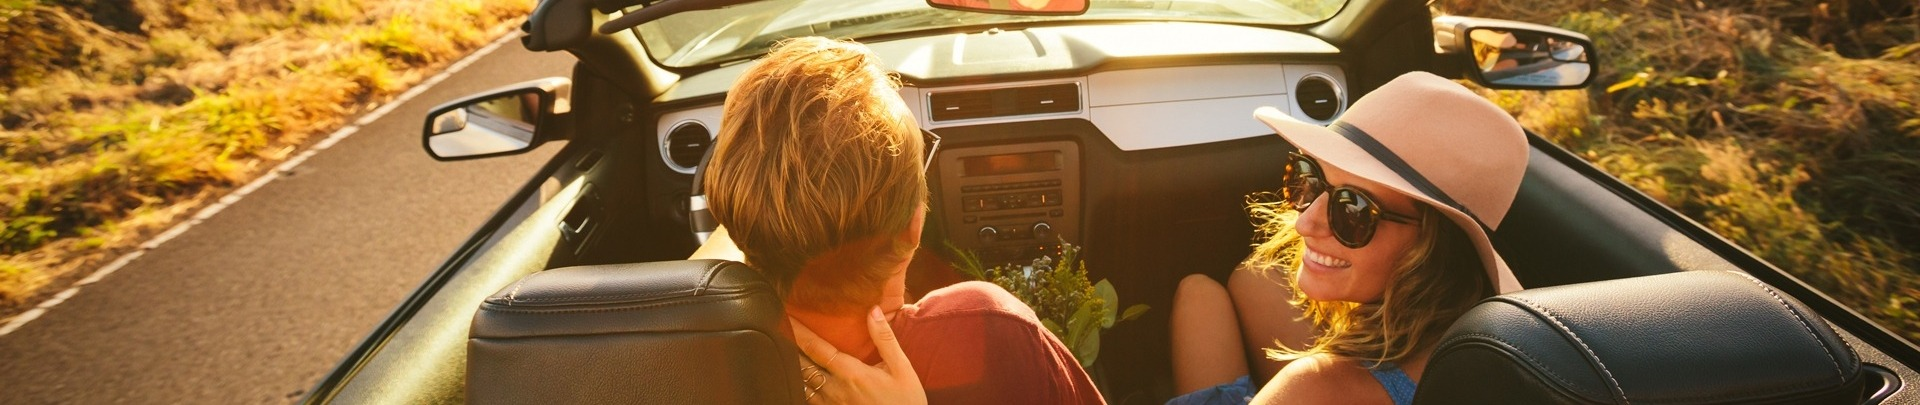 Cabrio met stel rijdt over de weg